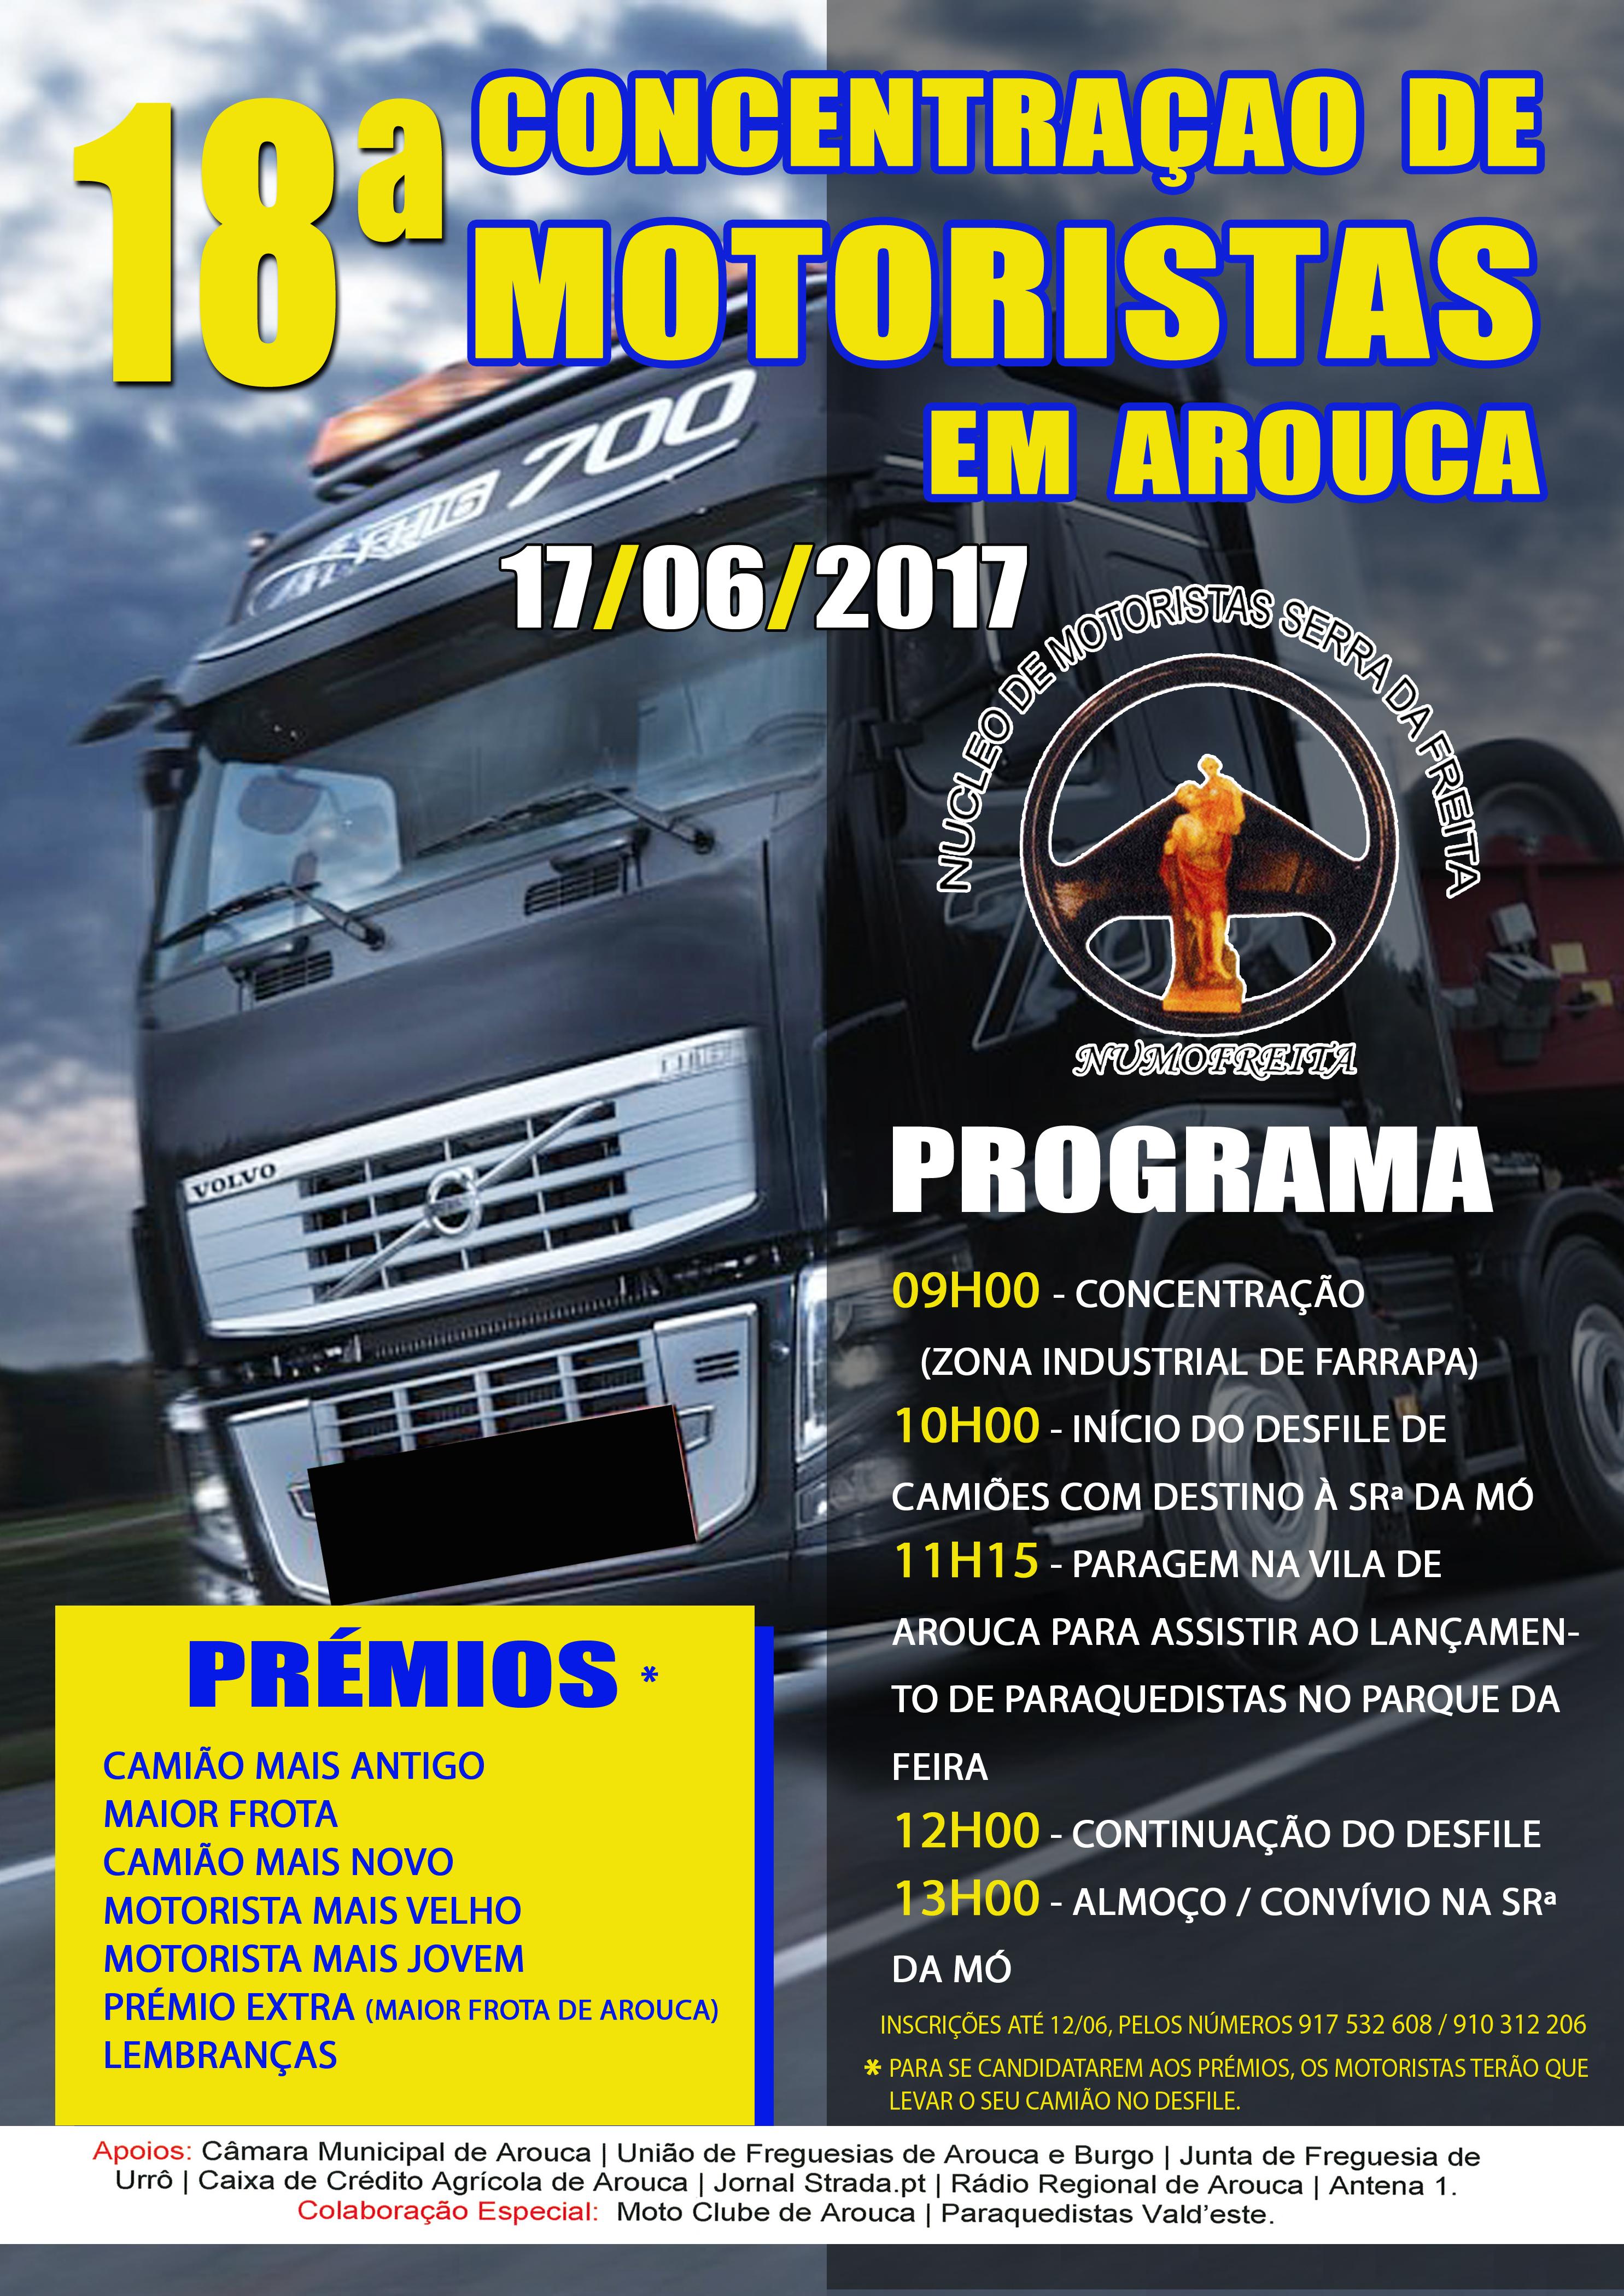 18ª Concentração de Motoristas em Arouca